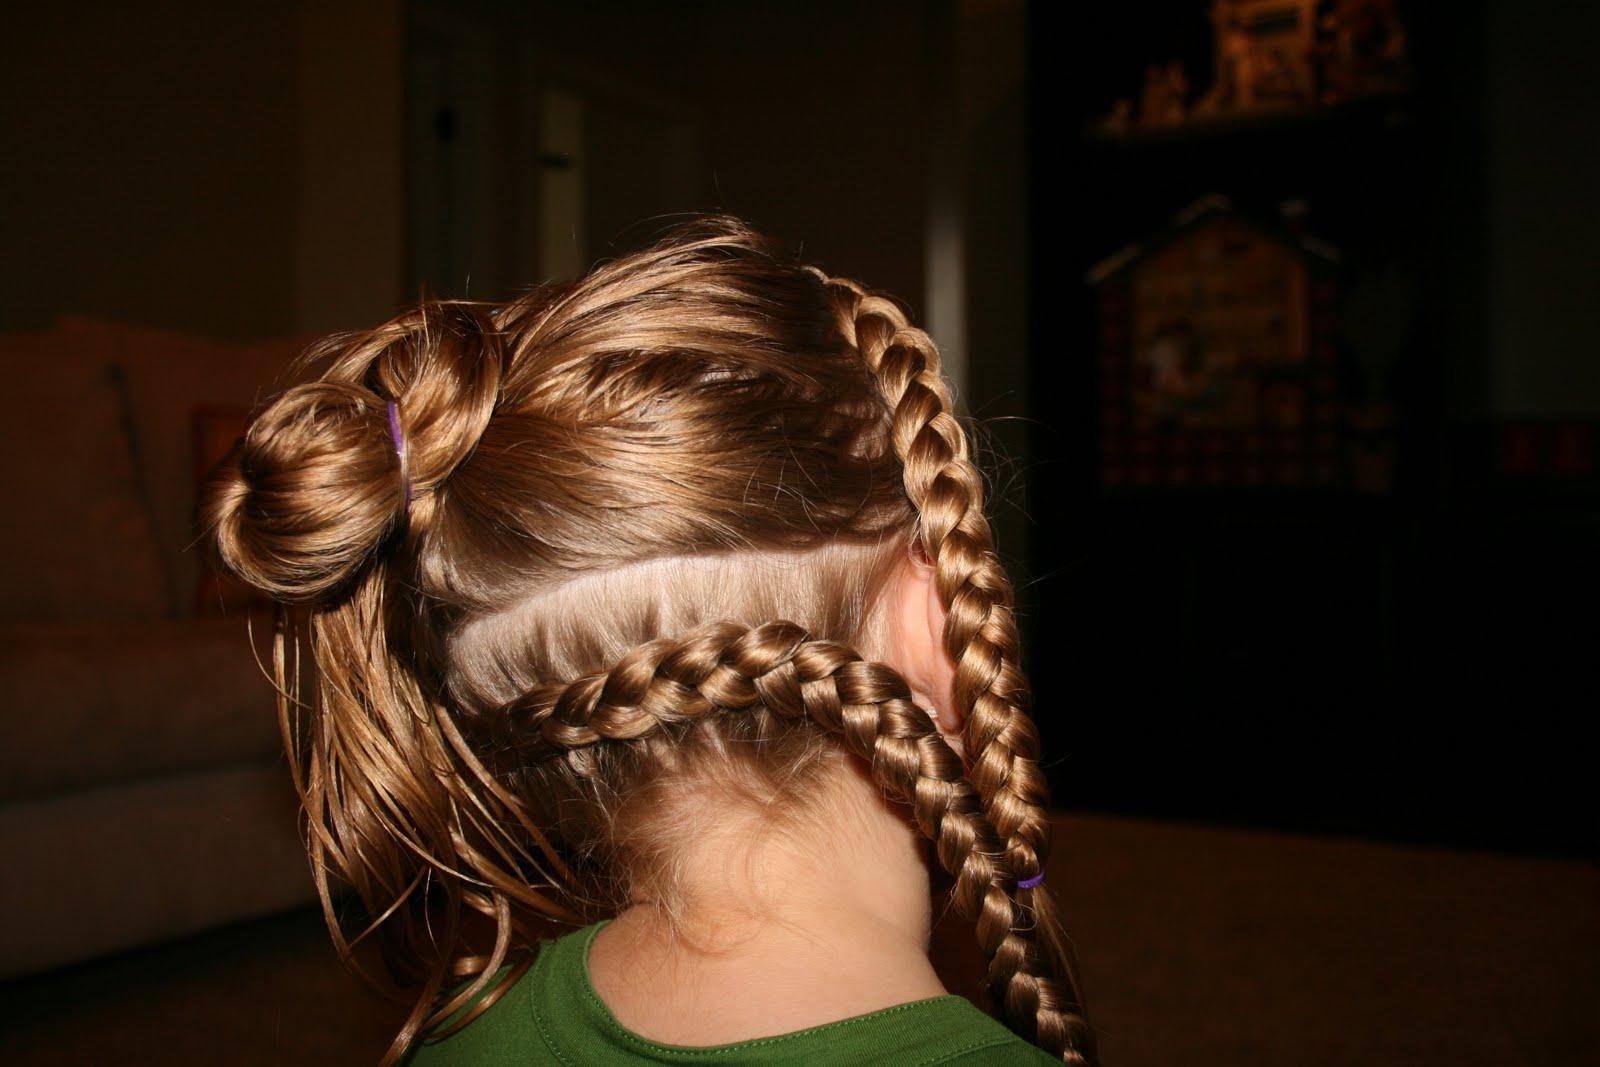 Причёски для девочек на длинные волосы. Фото №5